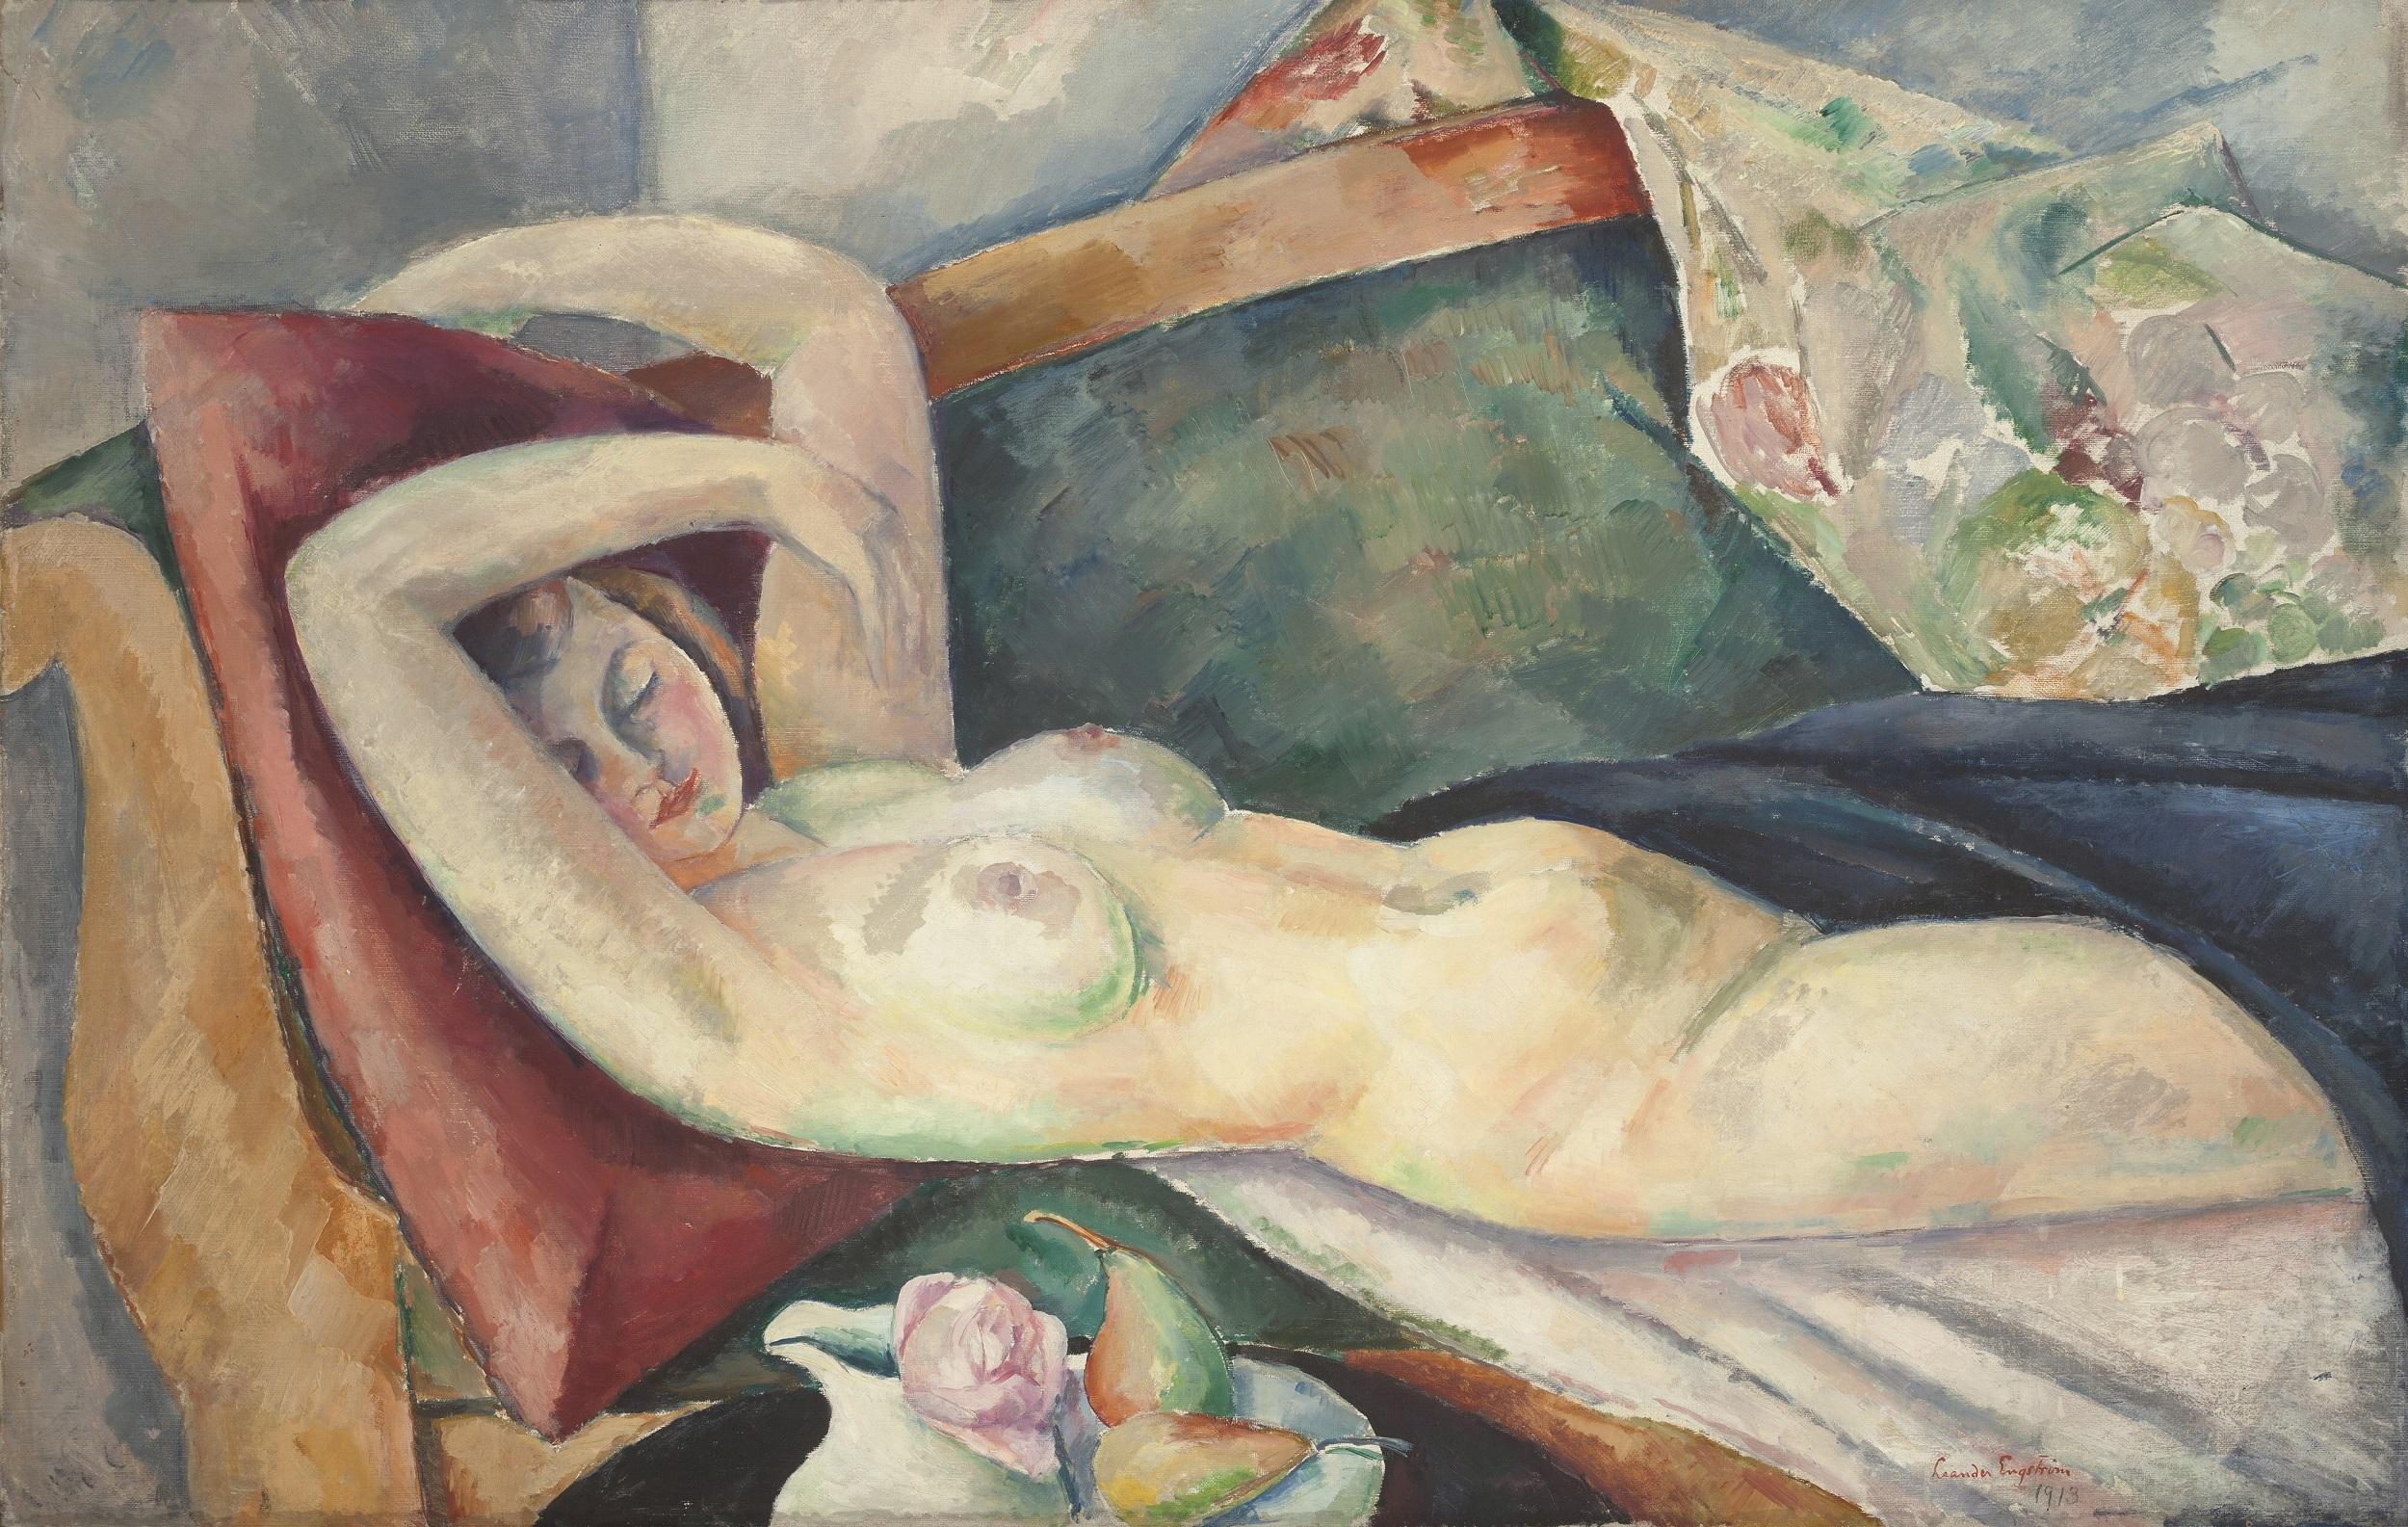 Leander Engström, Liggande modell med päron och ros, 1913. Olja på duk. Foto: Lars Engelhardt